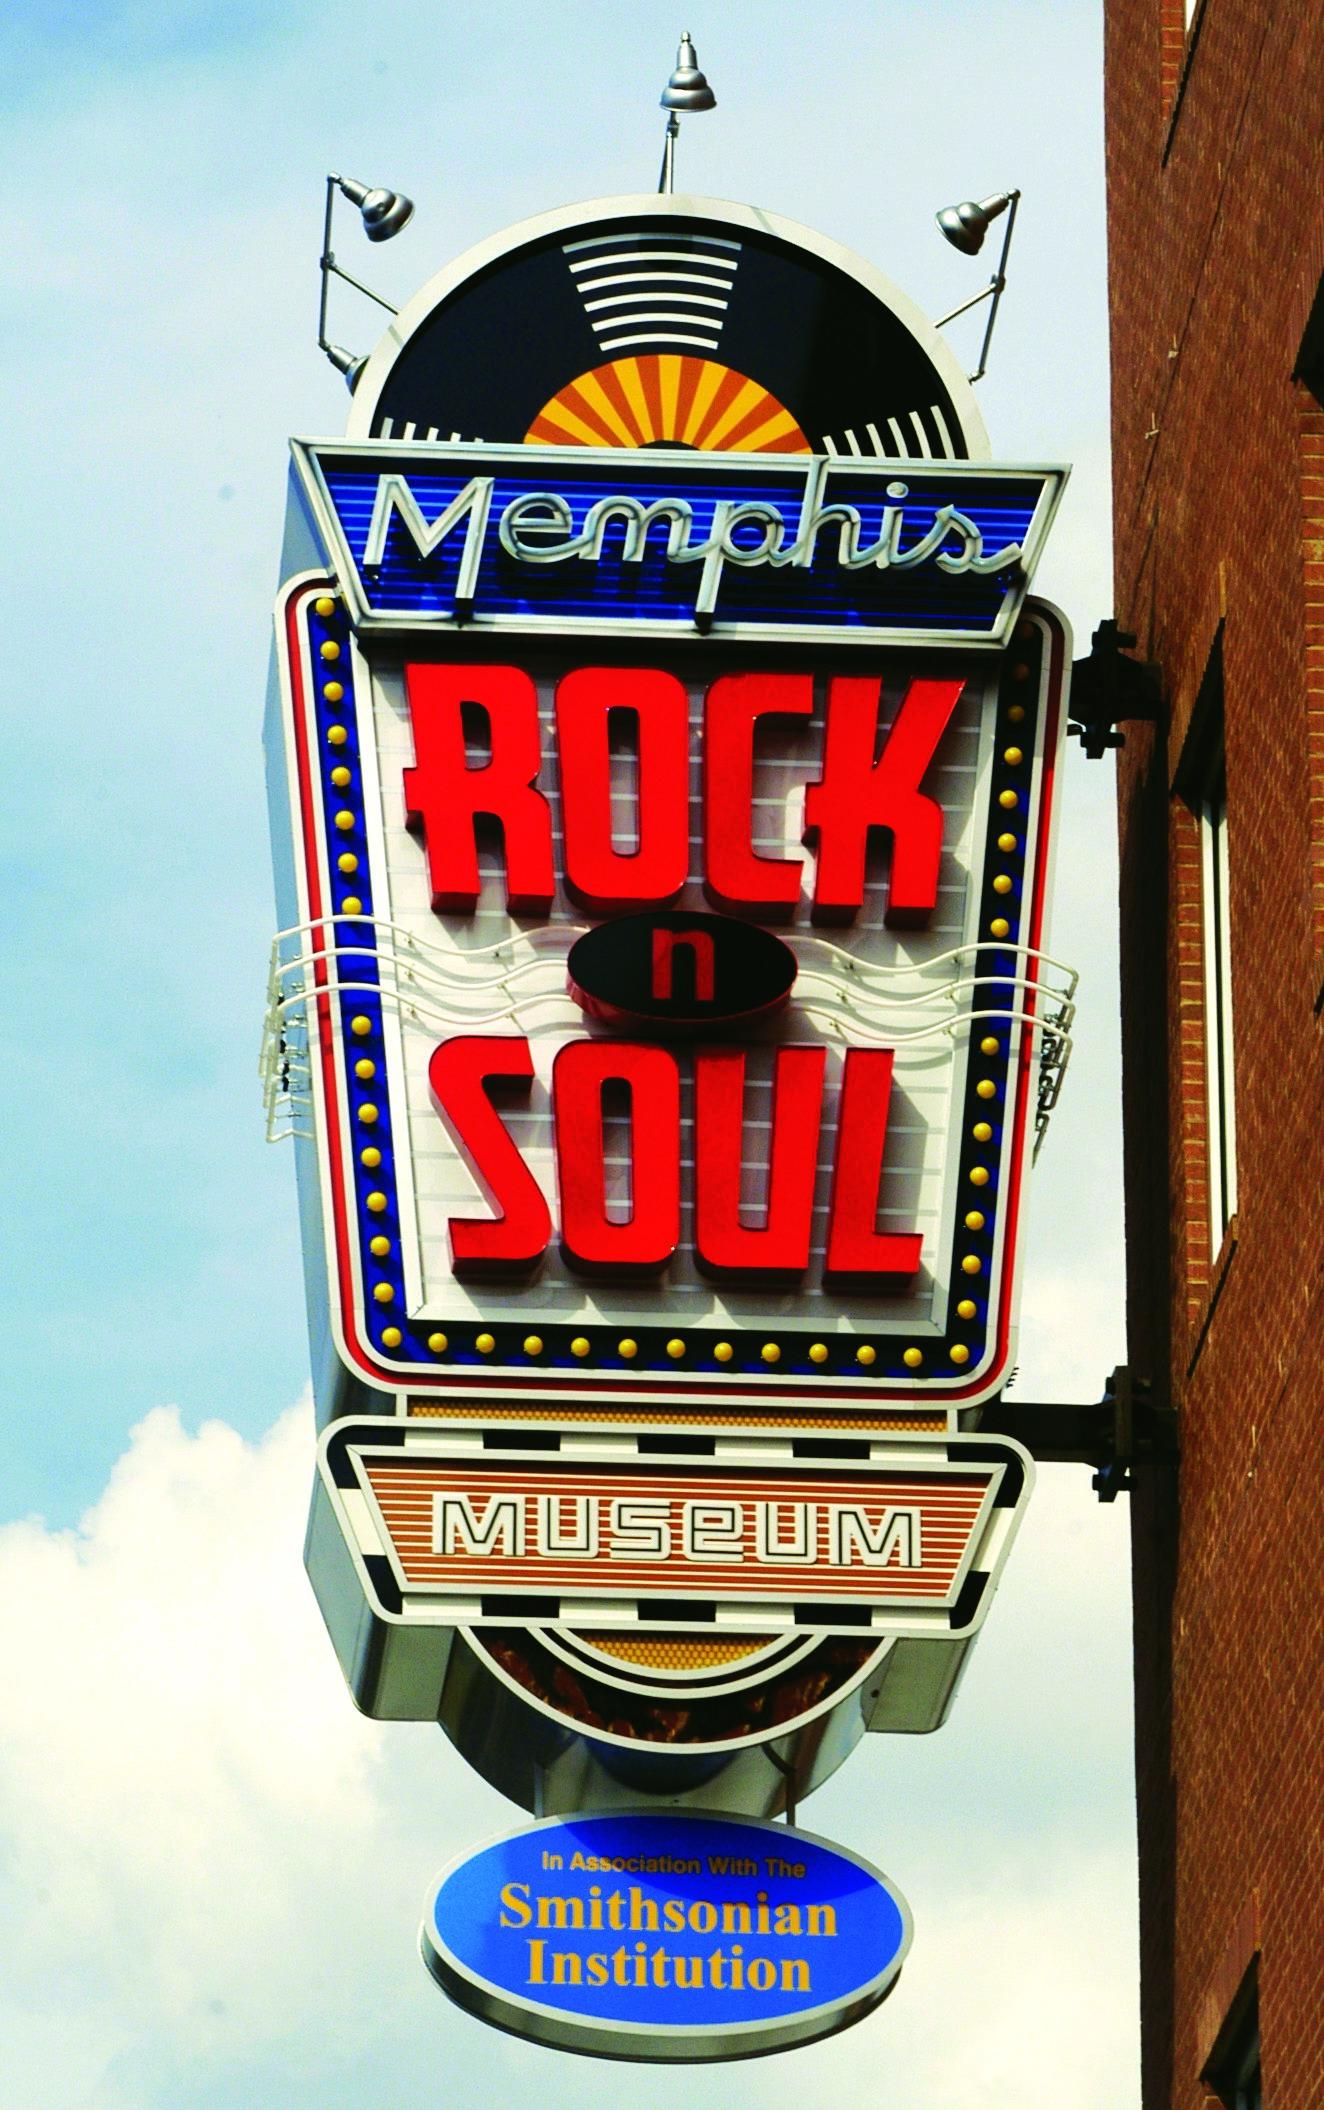 Memphis_Rock__n__Soul_Museum_SBQizkgYfFwHHdHiDxixfor18q0ABlZBh_cmyk_l.jpg